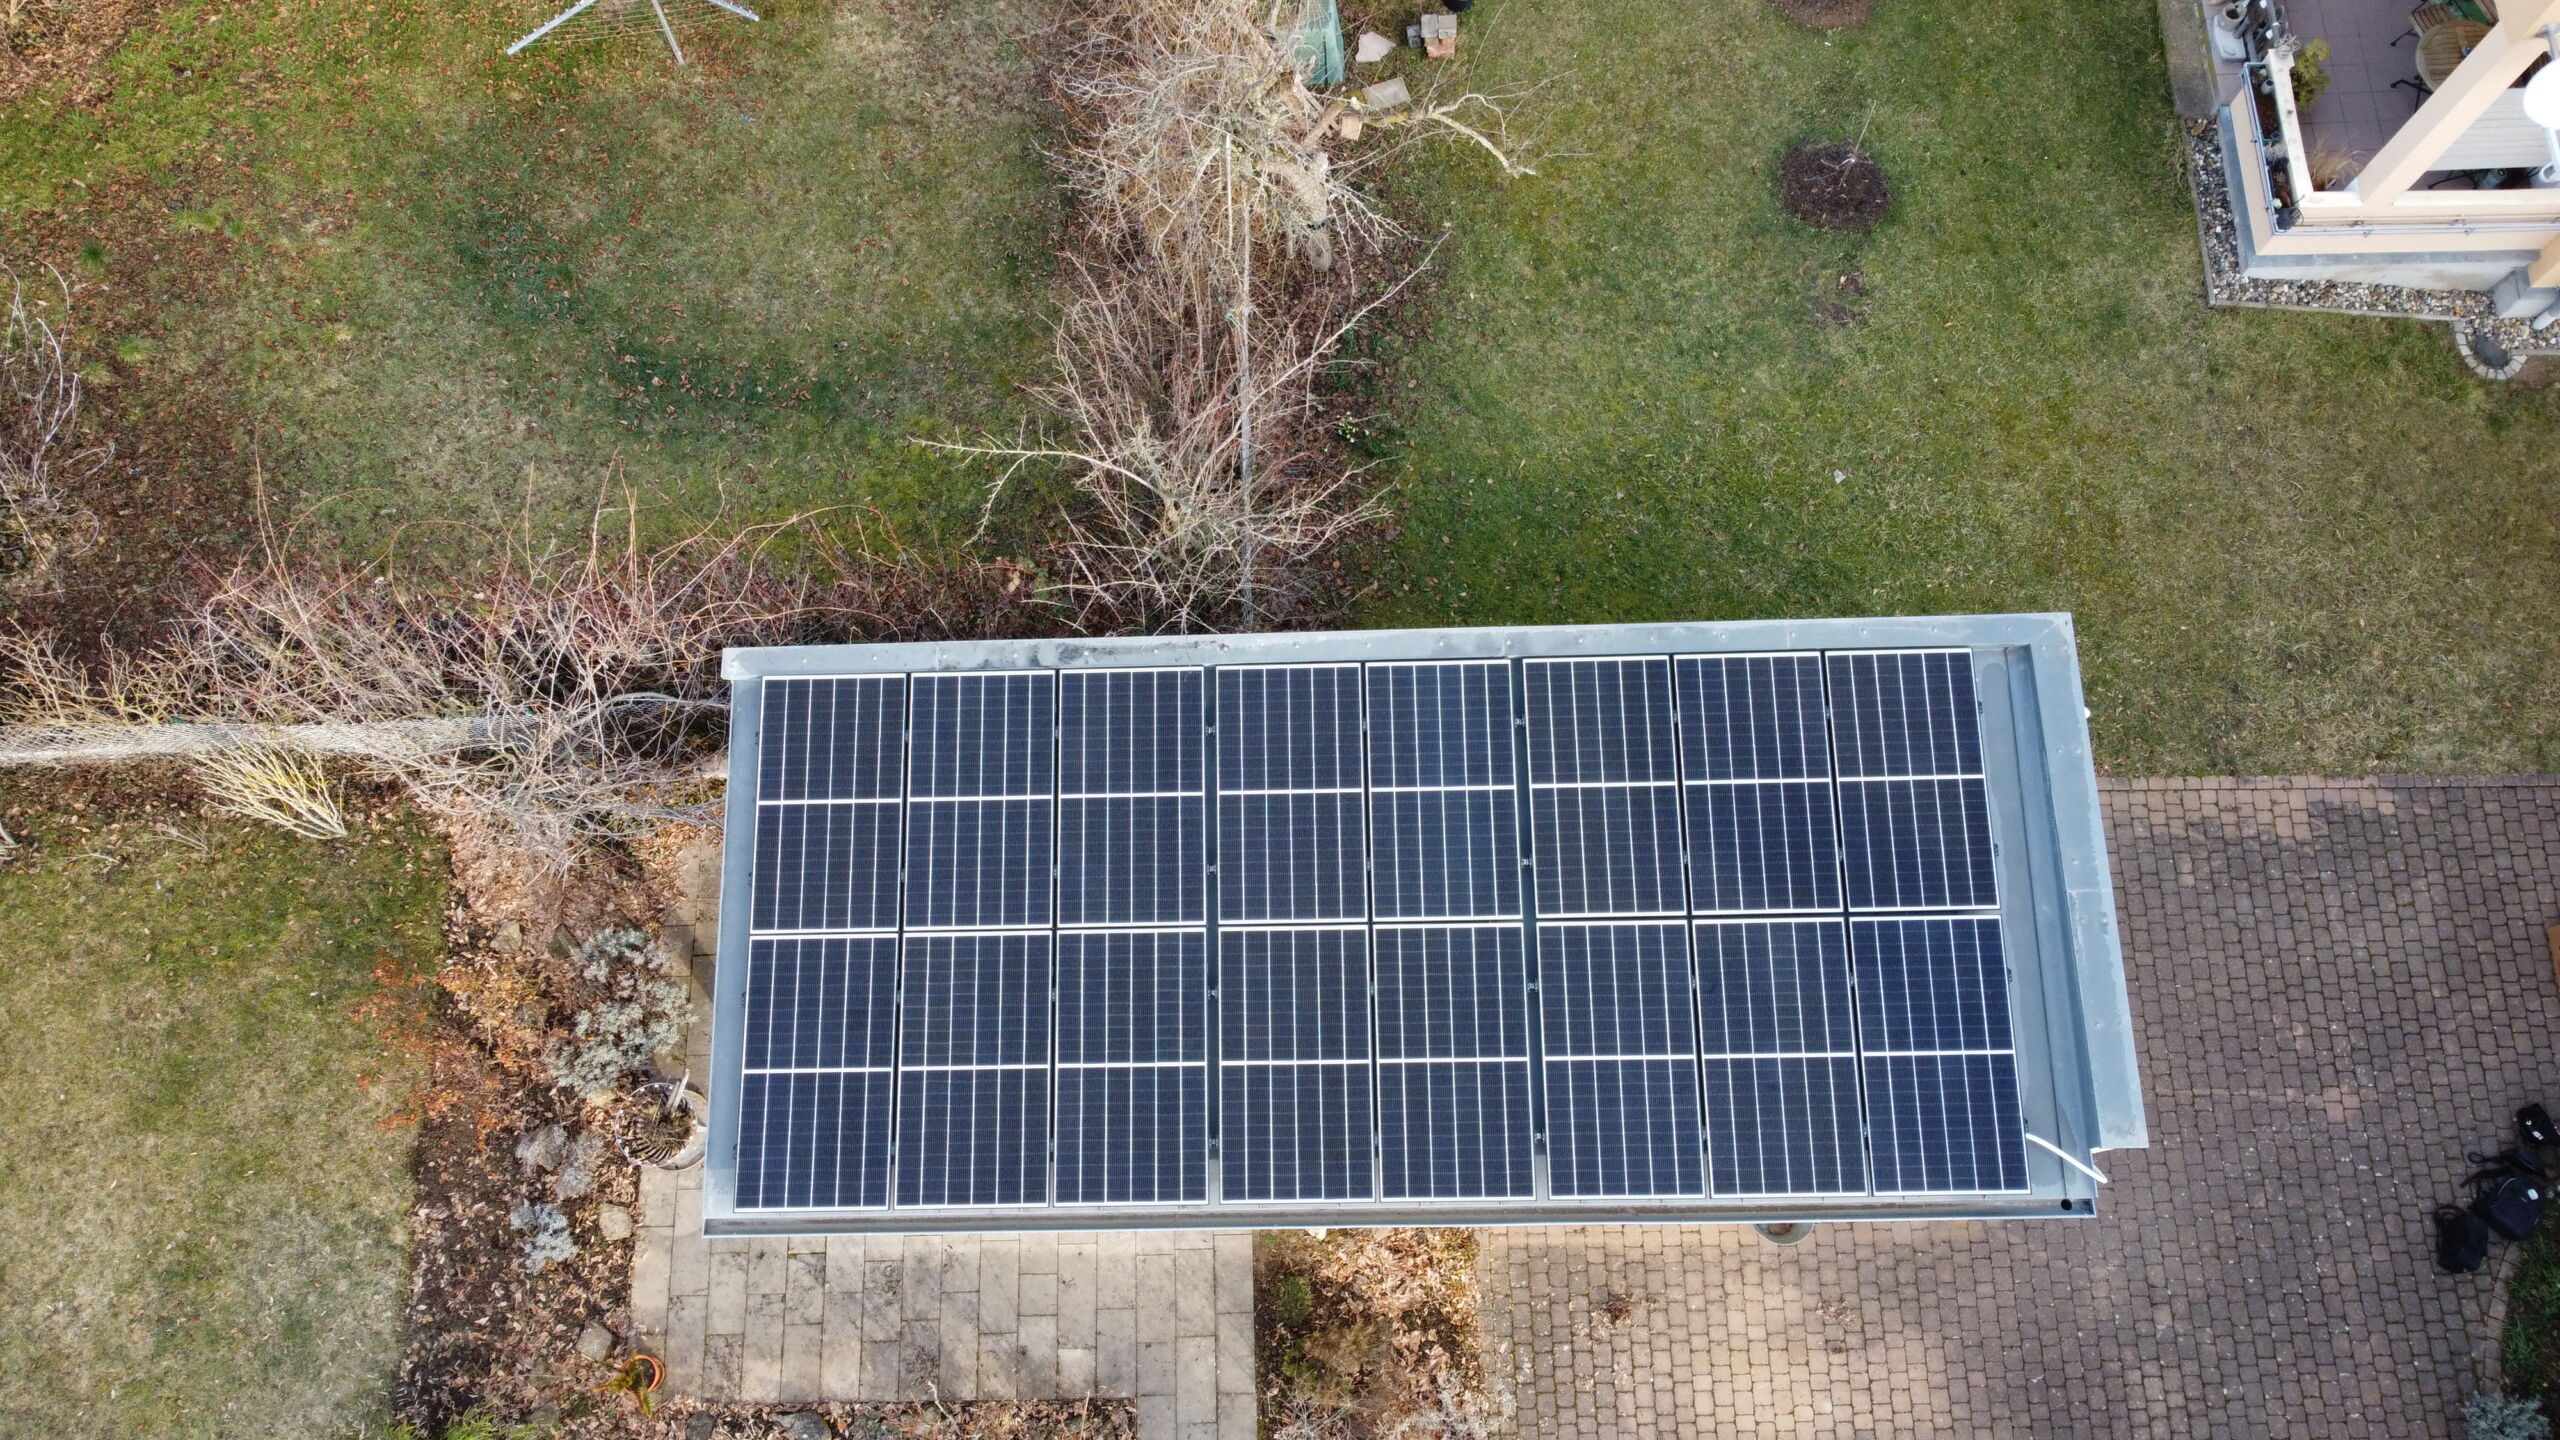 Solaranlage auf einer Garage in Gotha